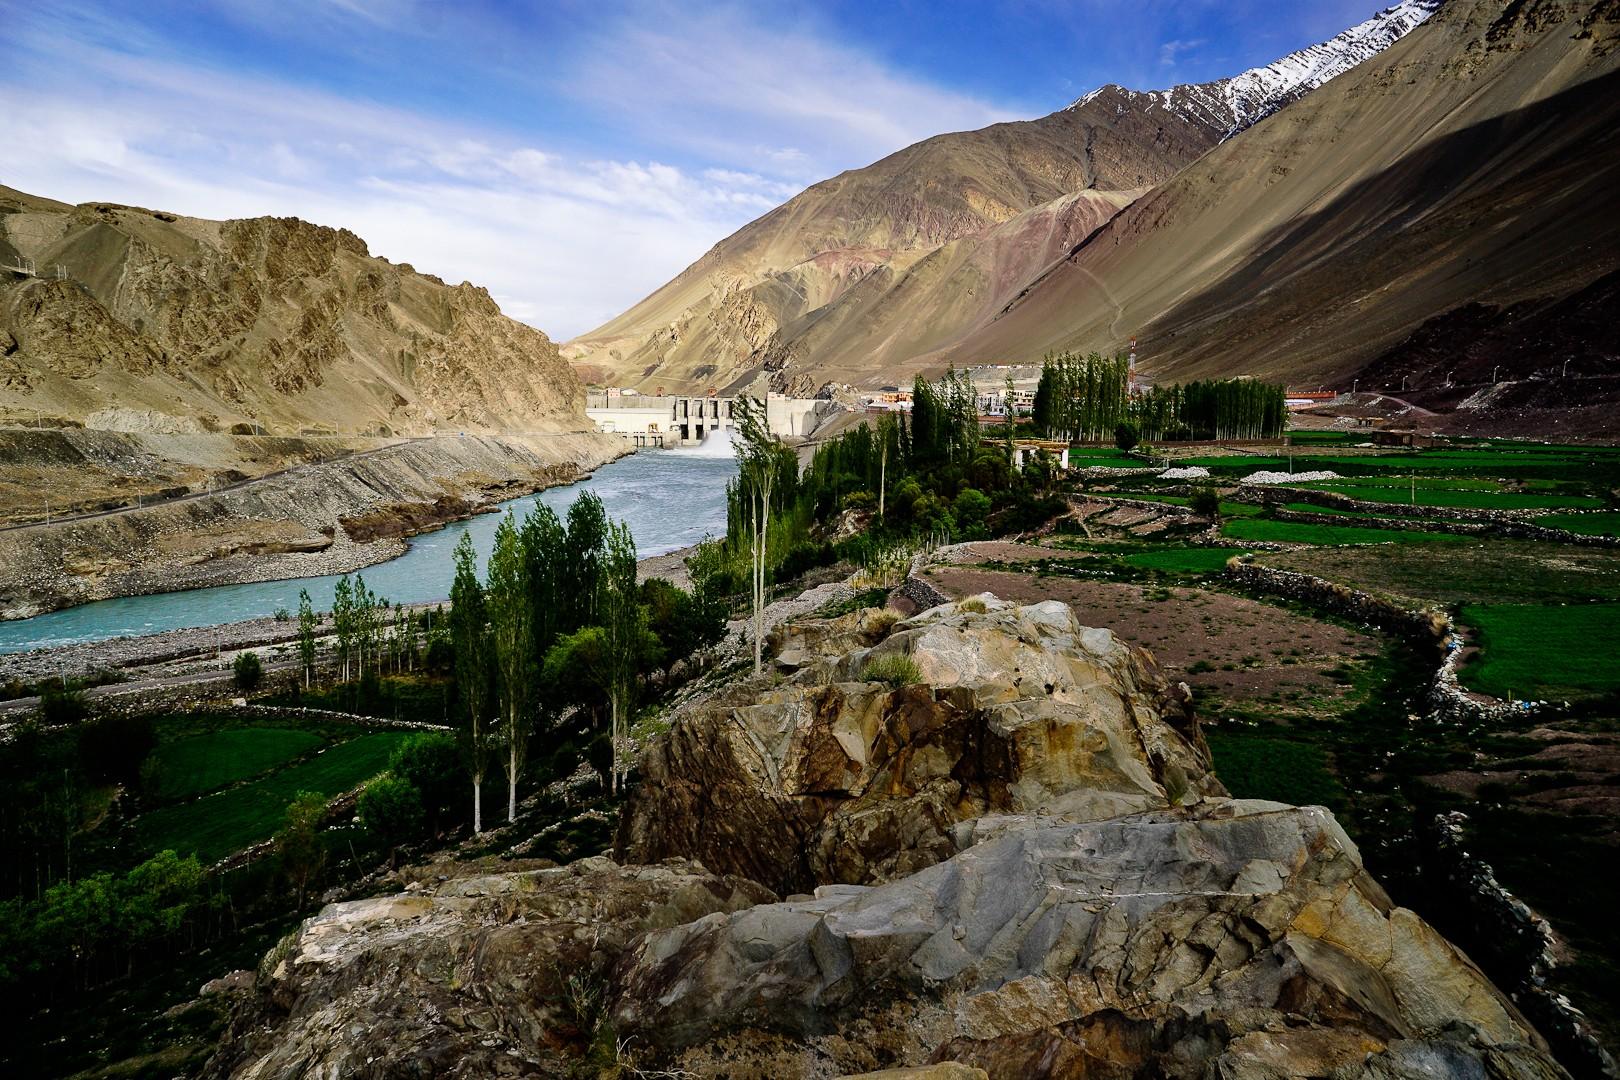 Indus. Alchi.